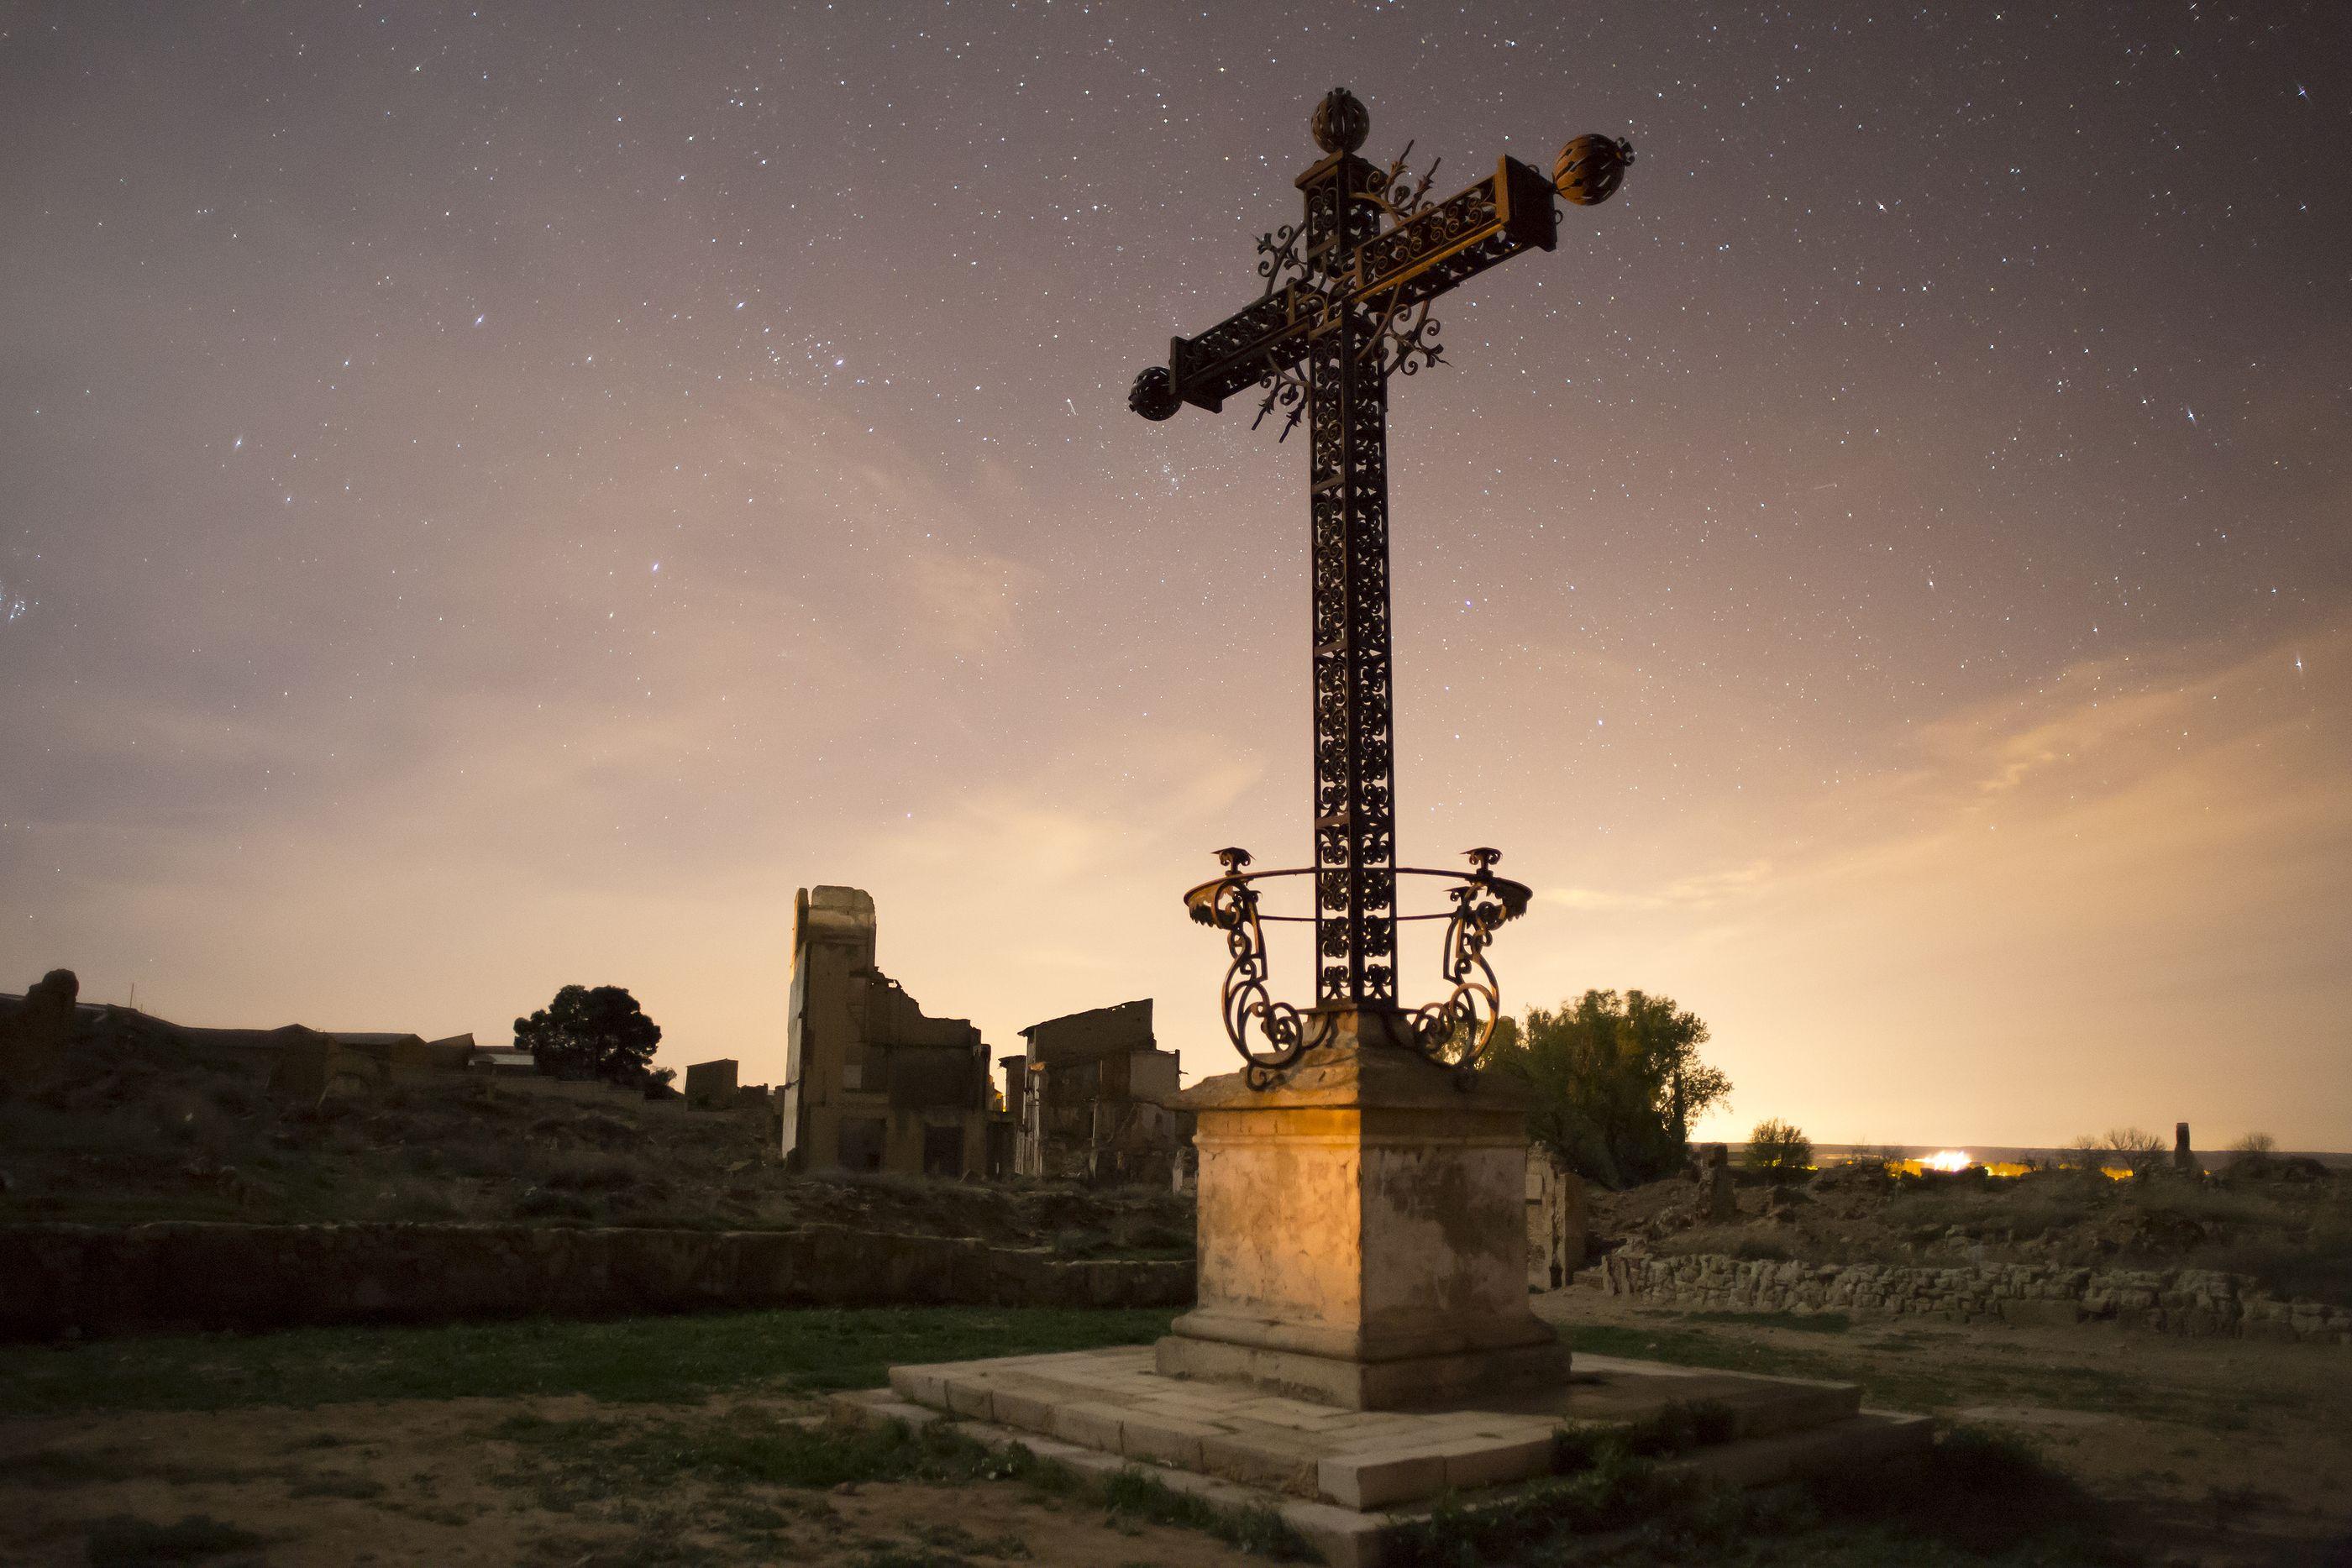 5 pueblos de España cargados de misterio  (Foto: Cruz de los caídos en la Guerra Civil en Belchite)